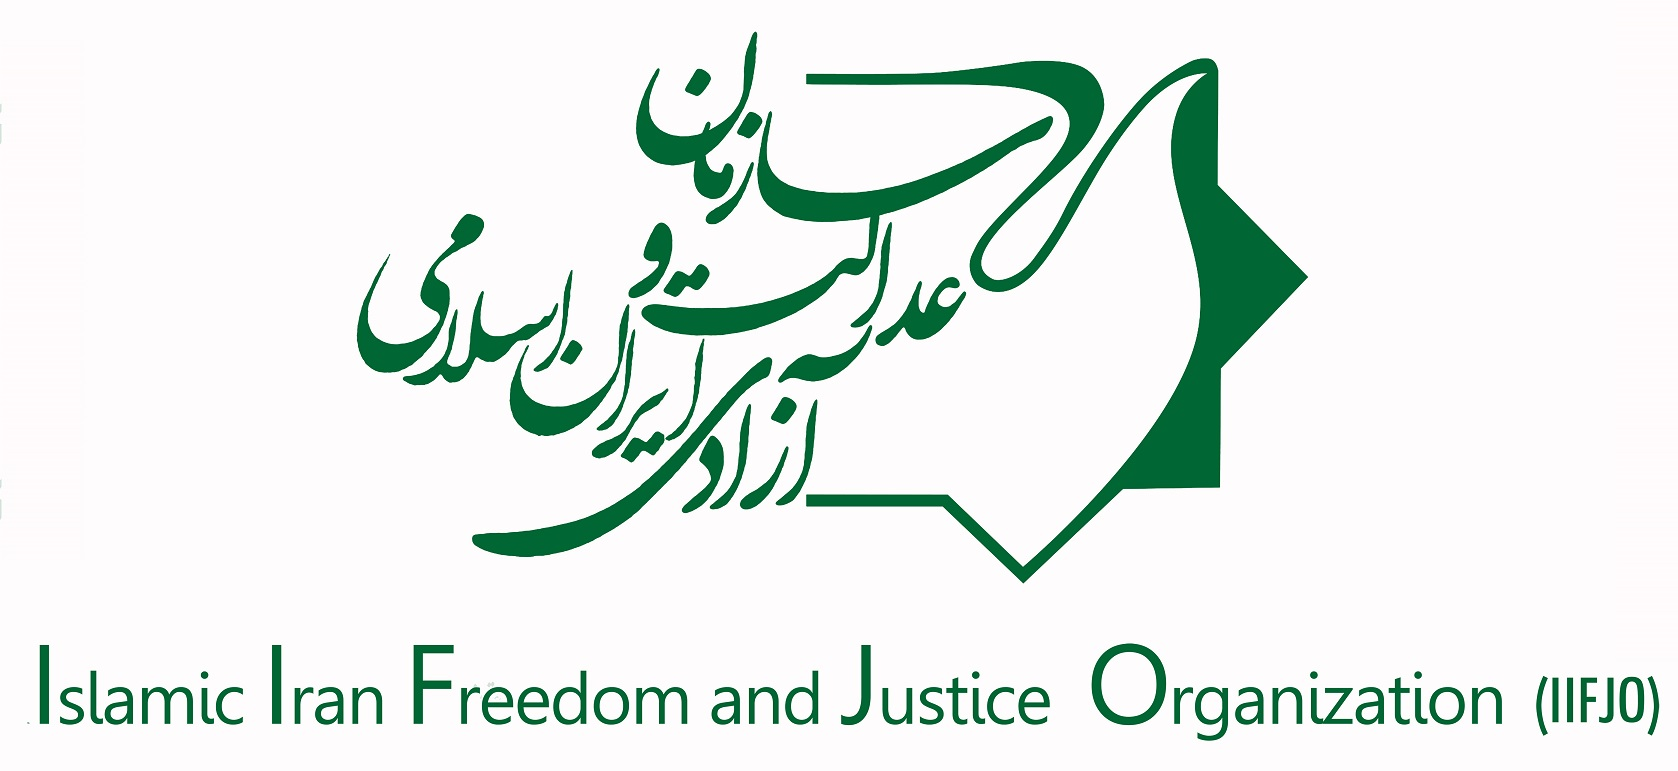 بیانیه سازمان عدالت و آزادی در محکومیت اقدام تروریستی در اهواز